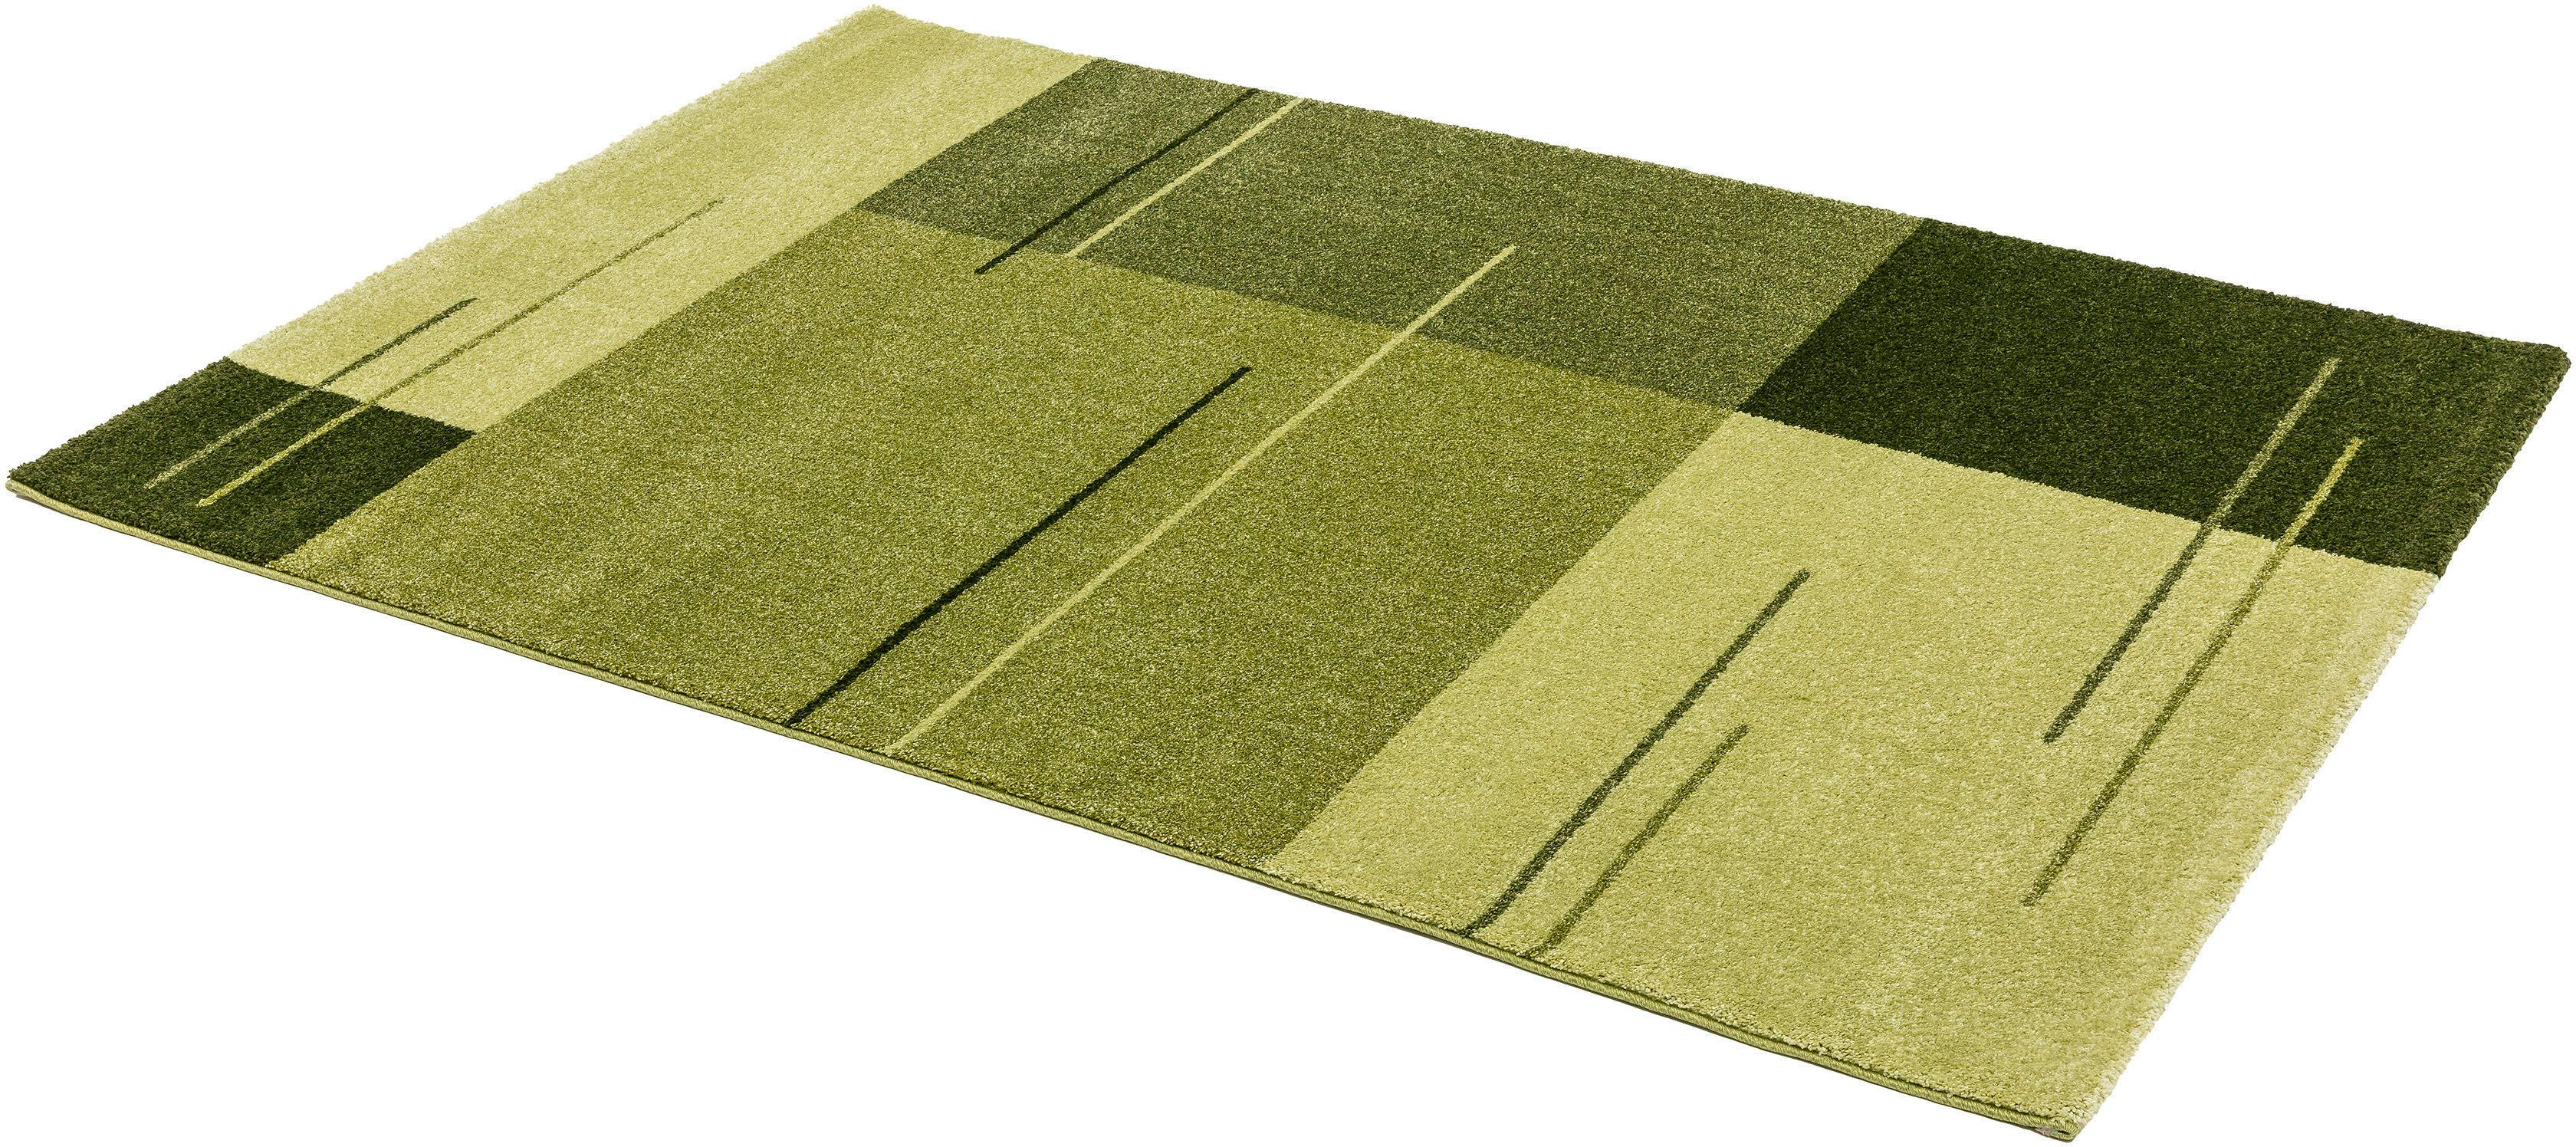 Teppich Samoa ASTRA rechteckig Höhe 20 mm maschinell gewebt